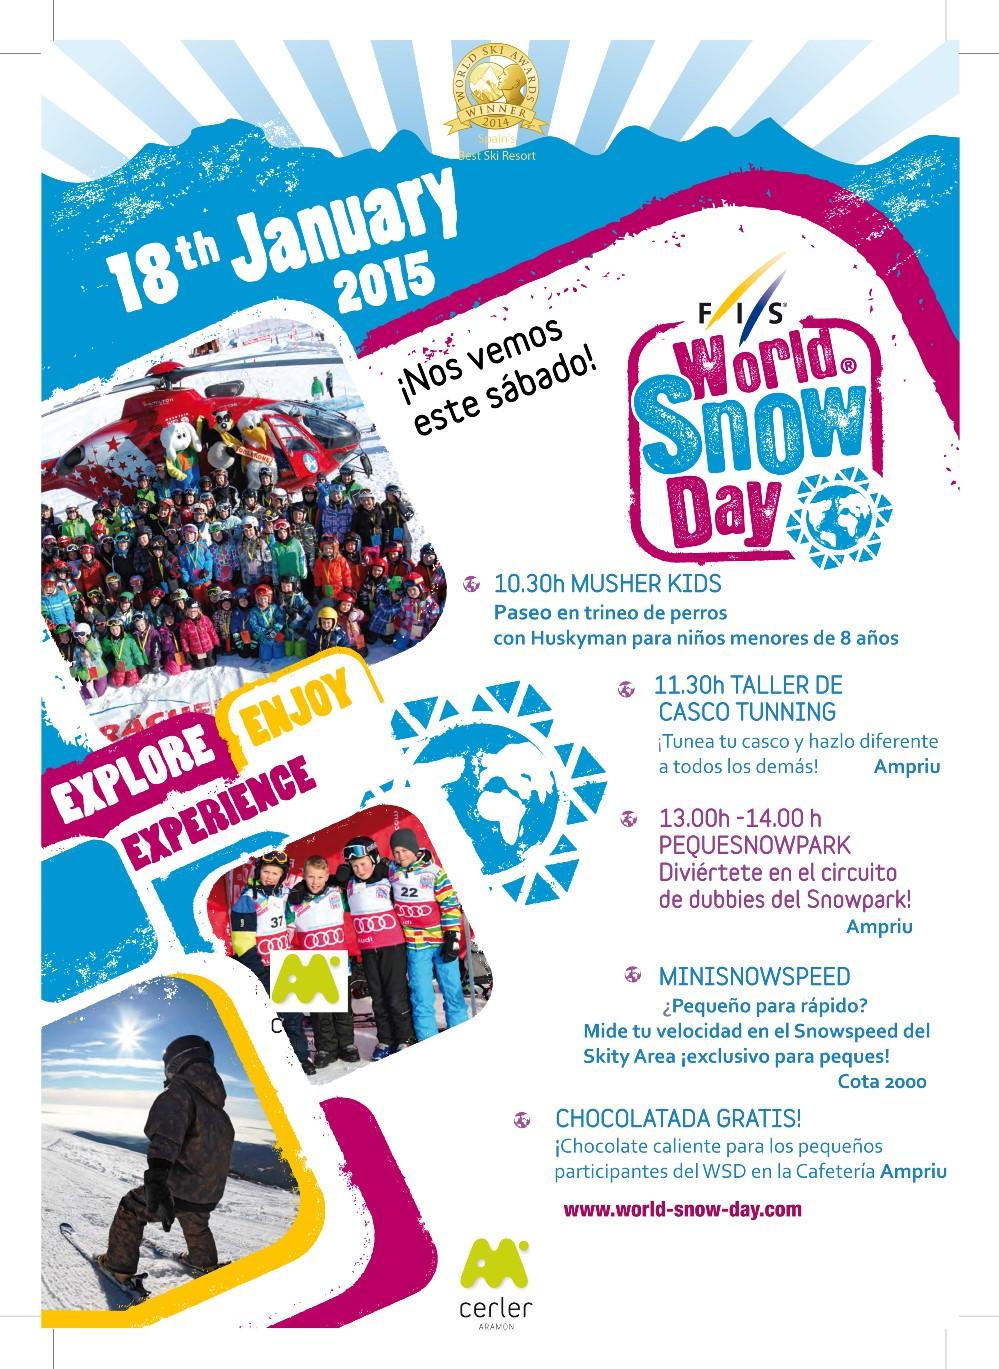 Cartel del evento en Cerler